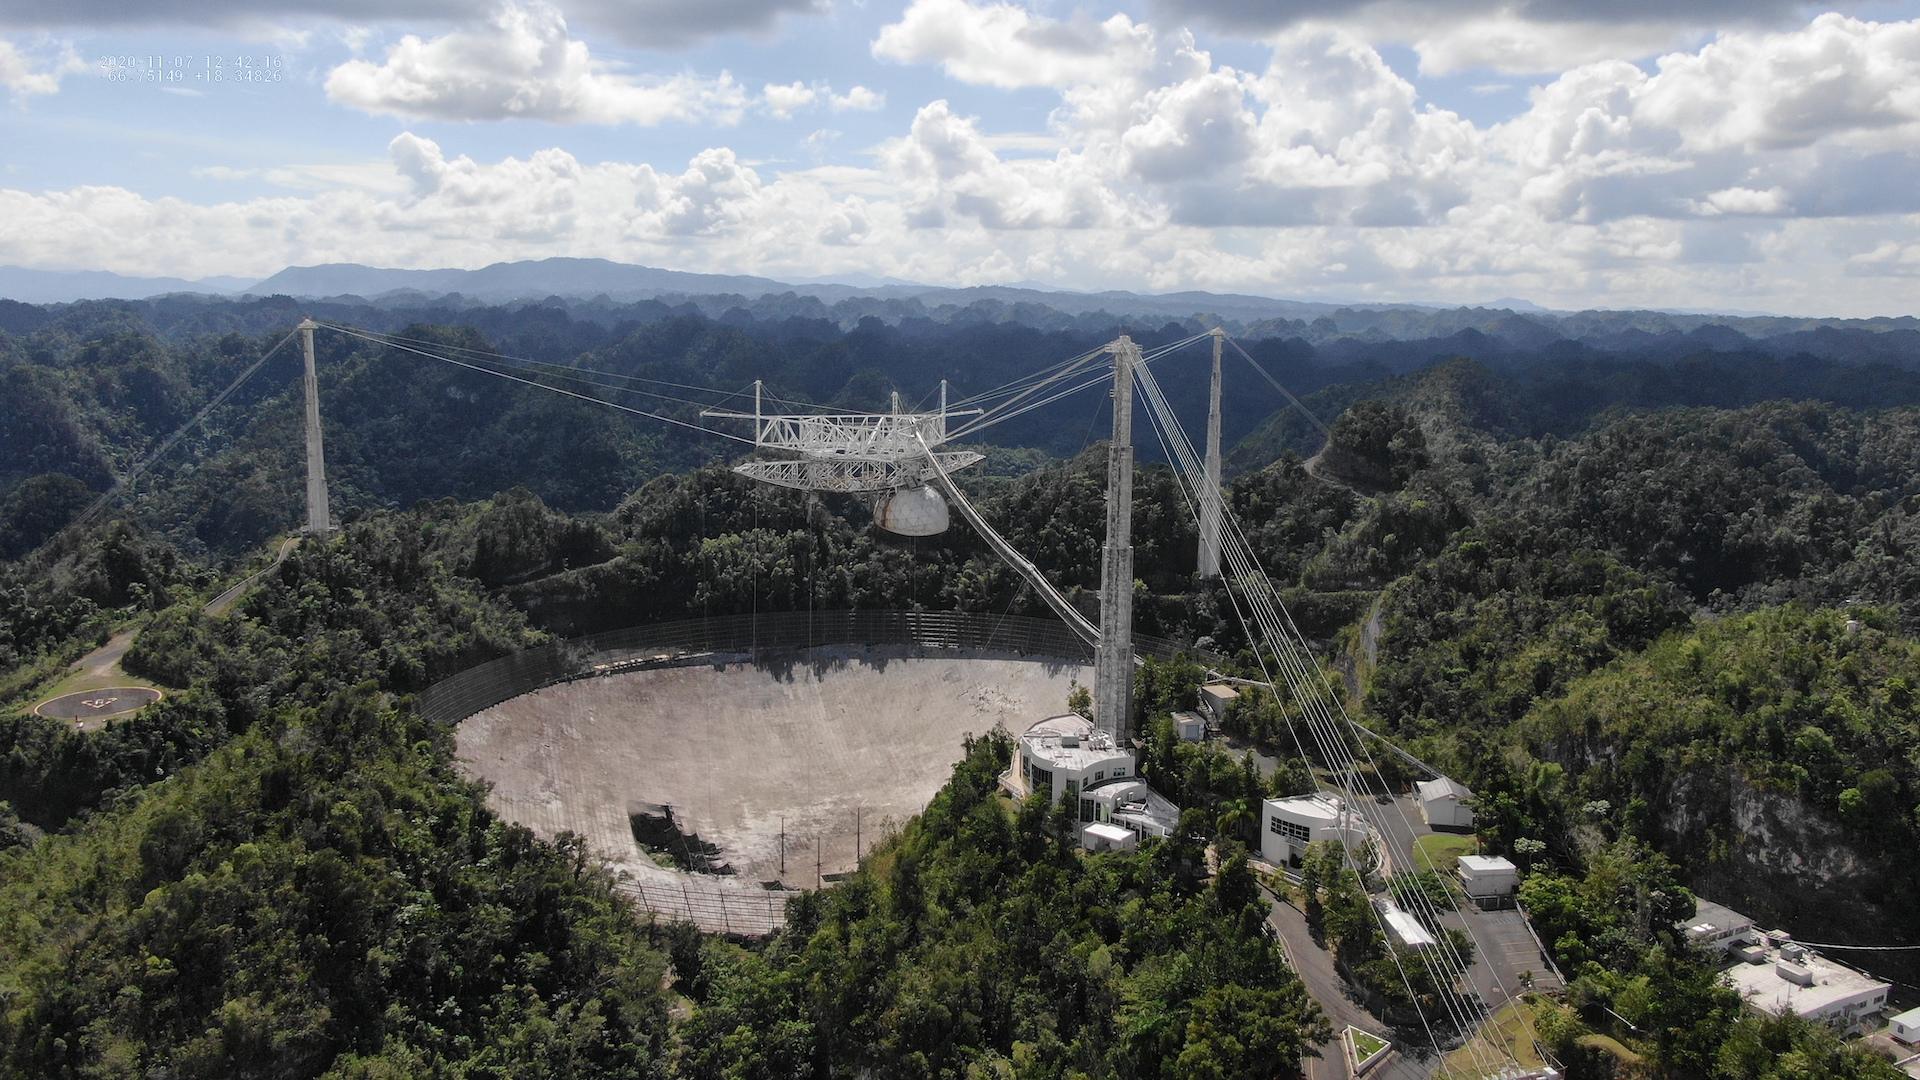 Cierra el Observatorio de Arecibo en Puerto Rico: un ícono del espacio